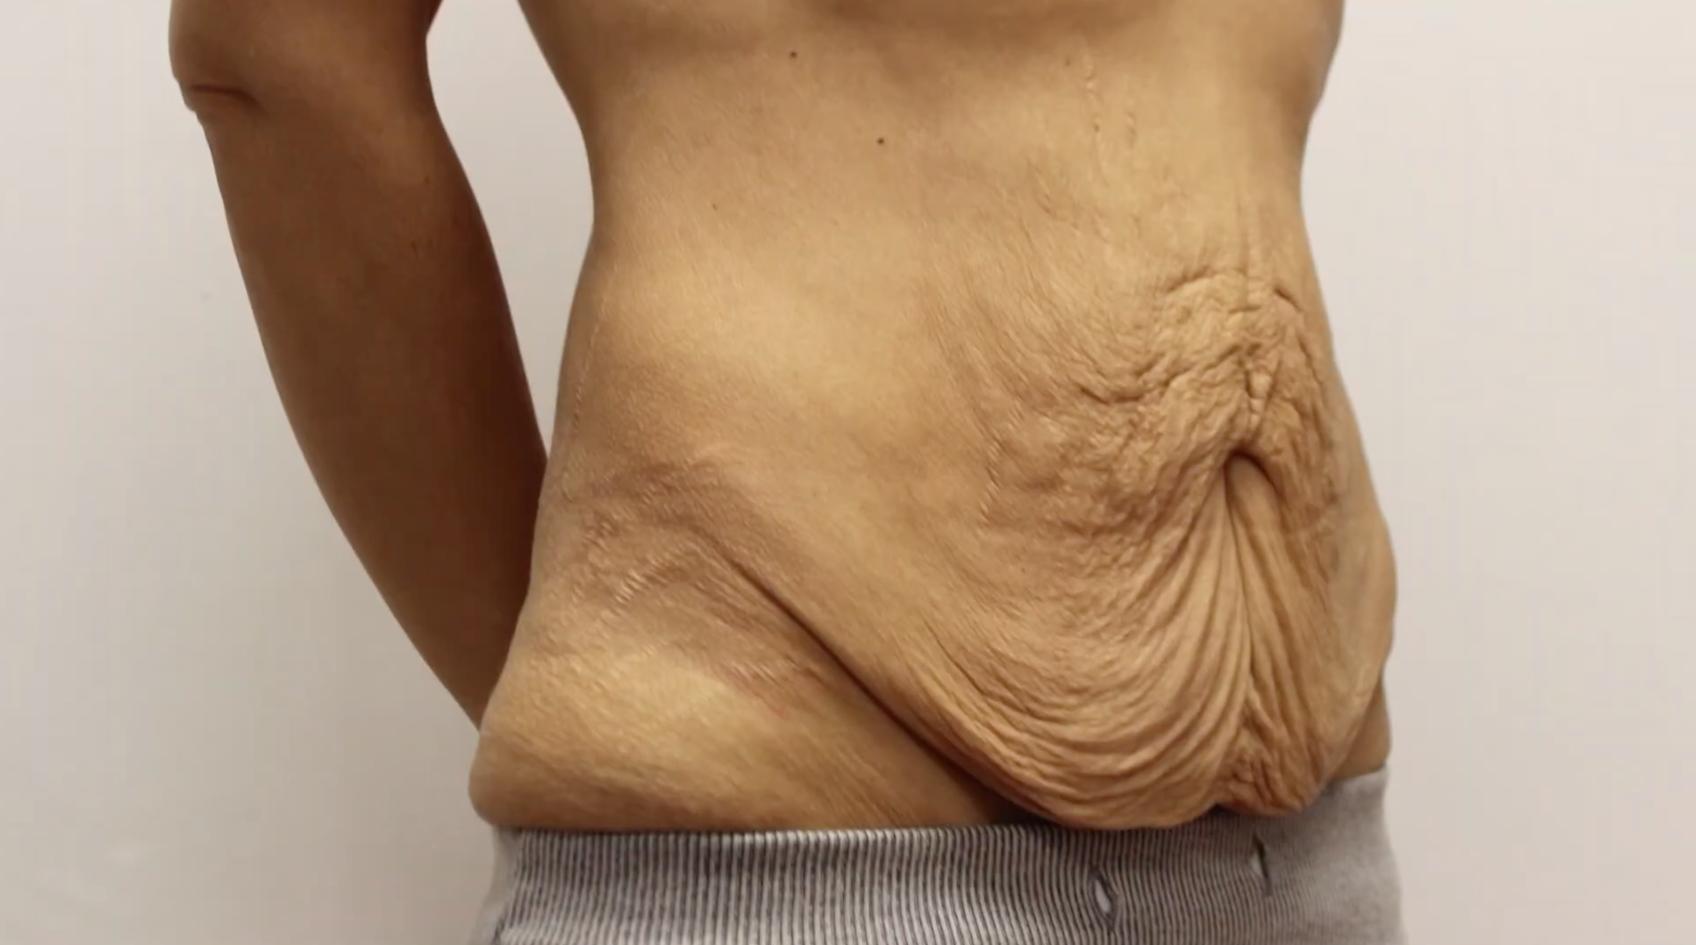 Stomak pre abdominoplastike